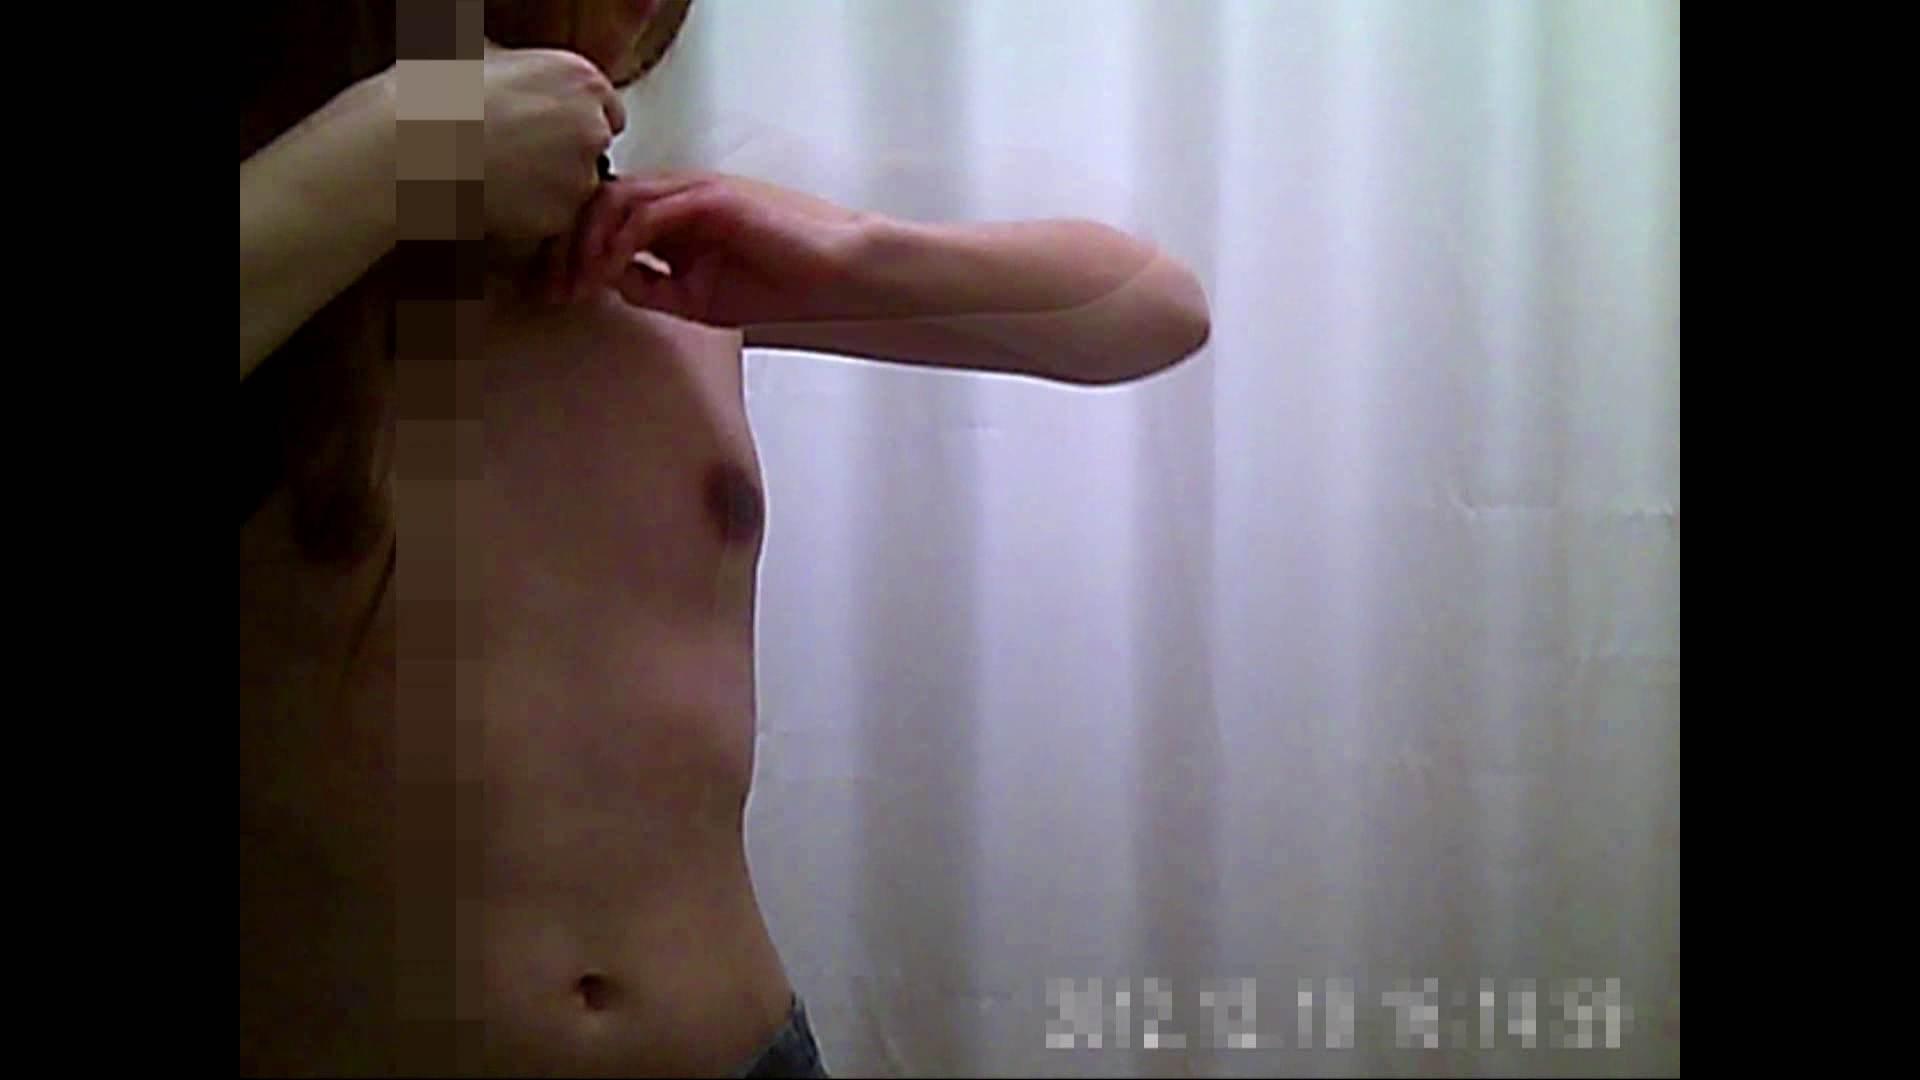 元医者による反抗 更衣室地獄絵巻 vol.124 OL | 0  55連発 54